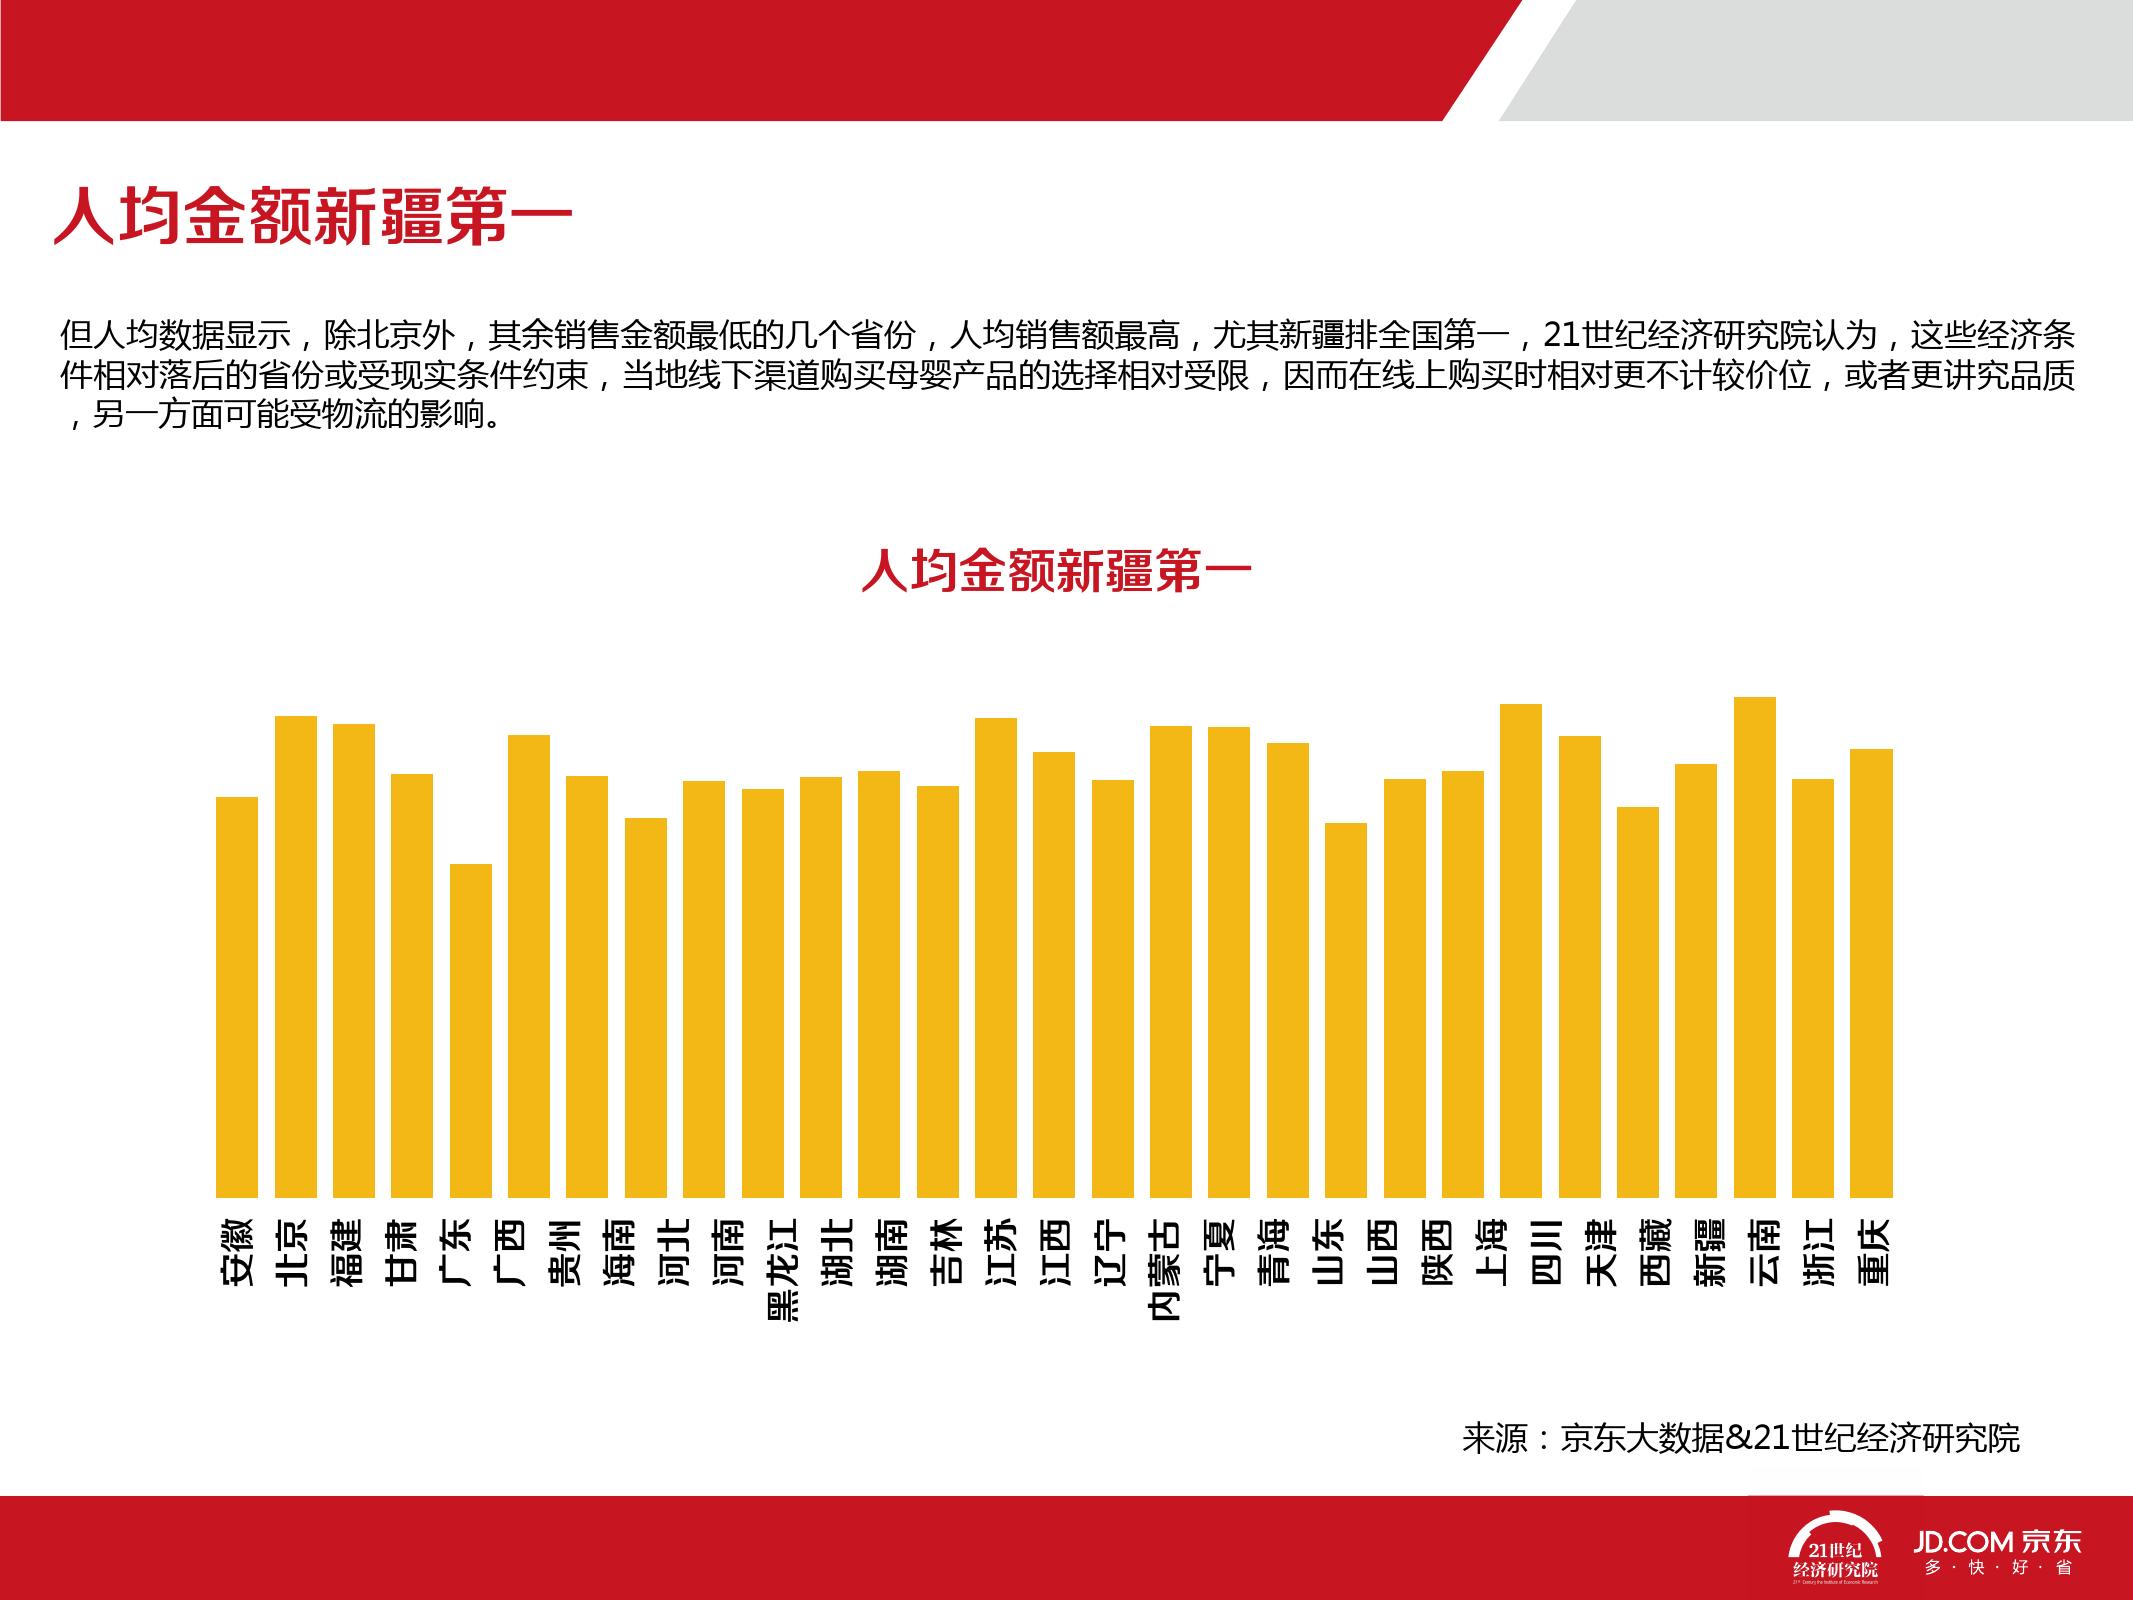 2016中国母婴产品消费趋势报告_000047